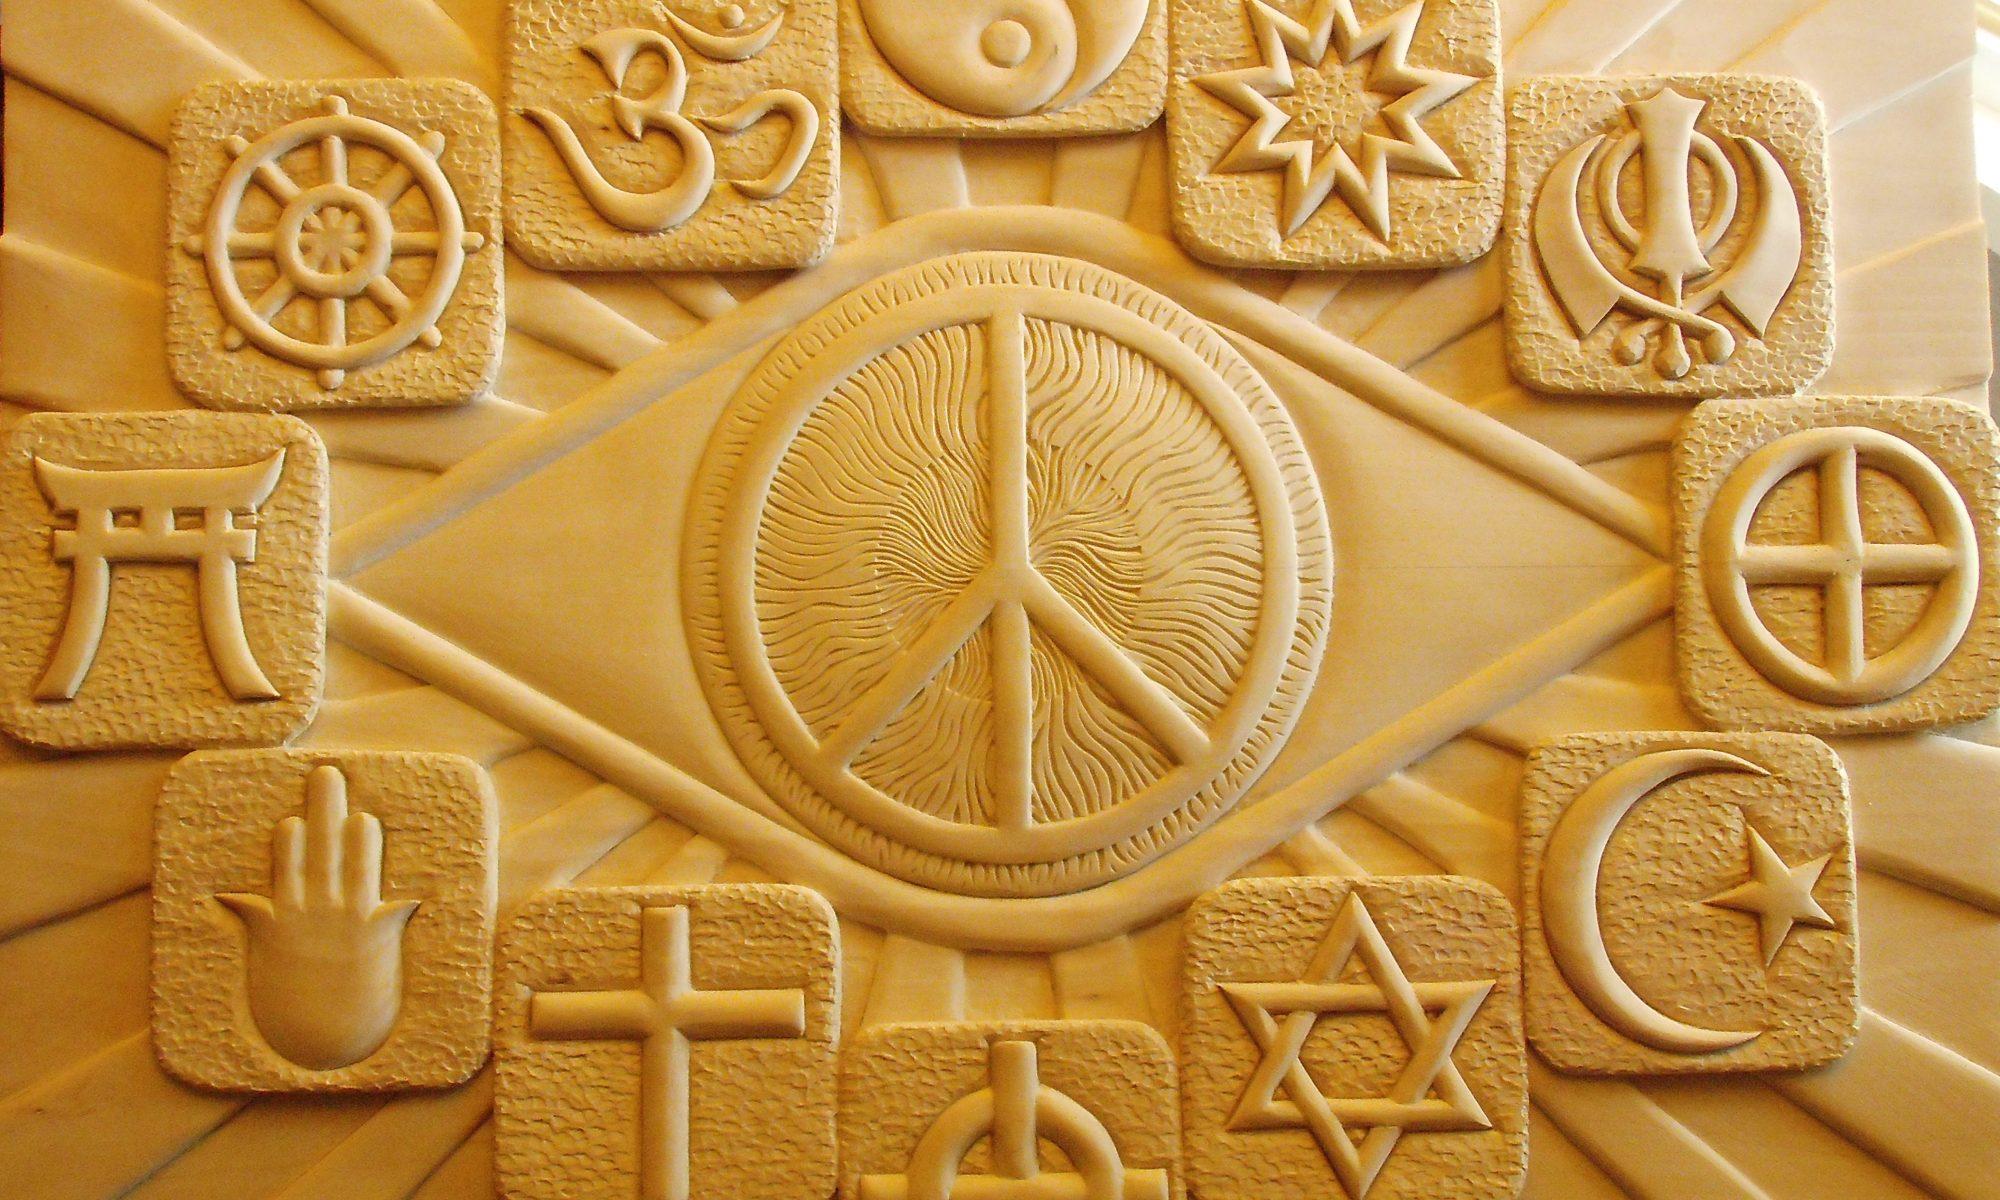 kerber_carving_art_peace_und_religionen_8.jpg